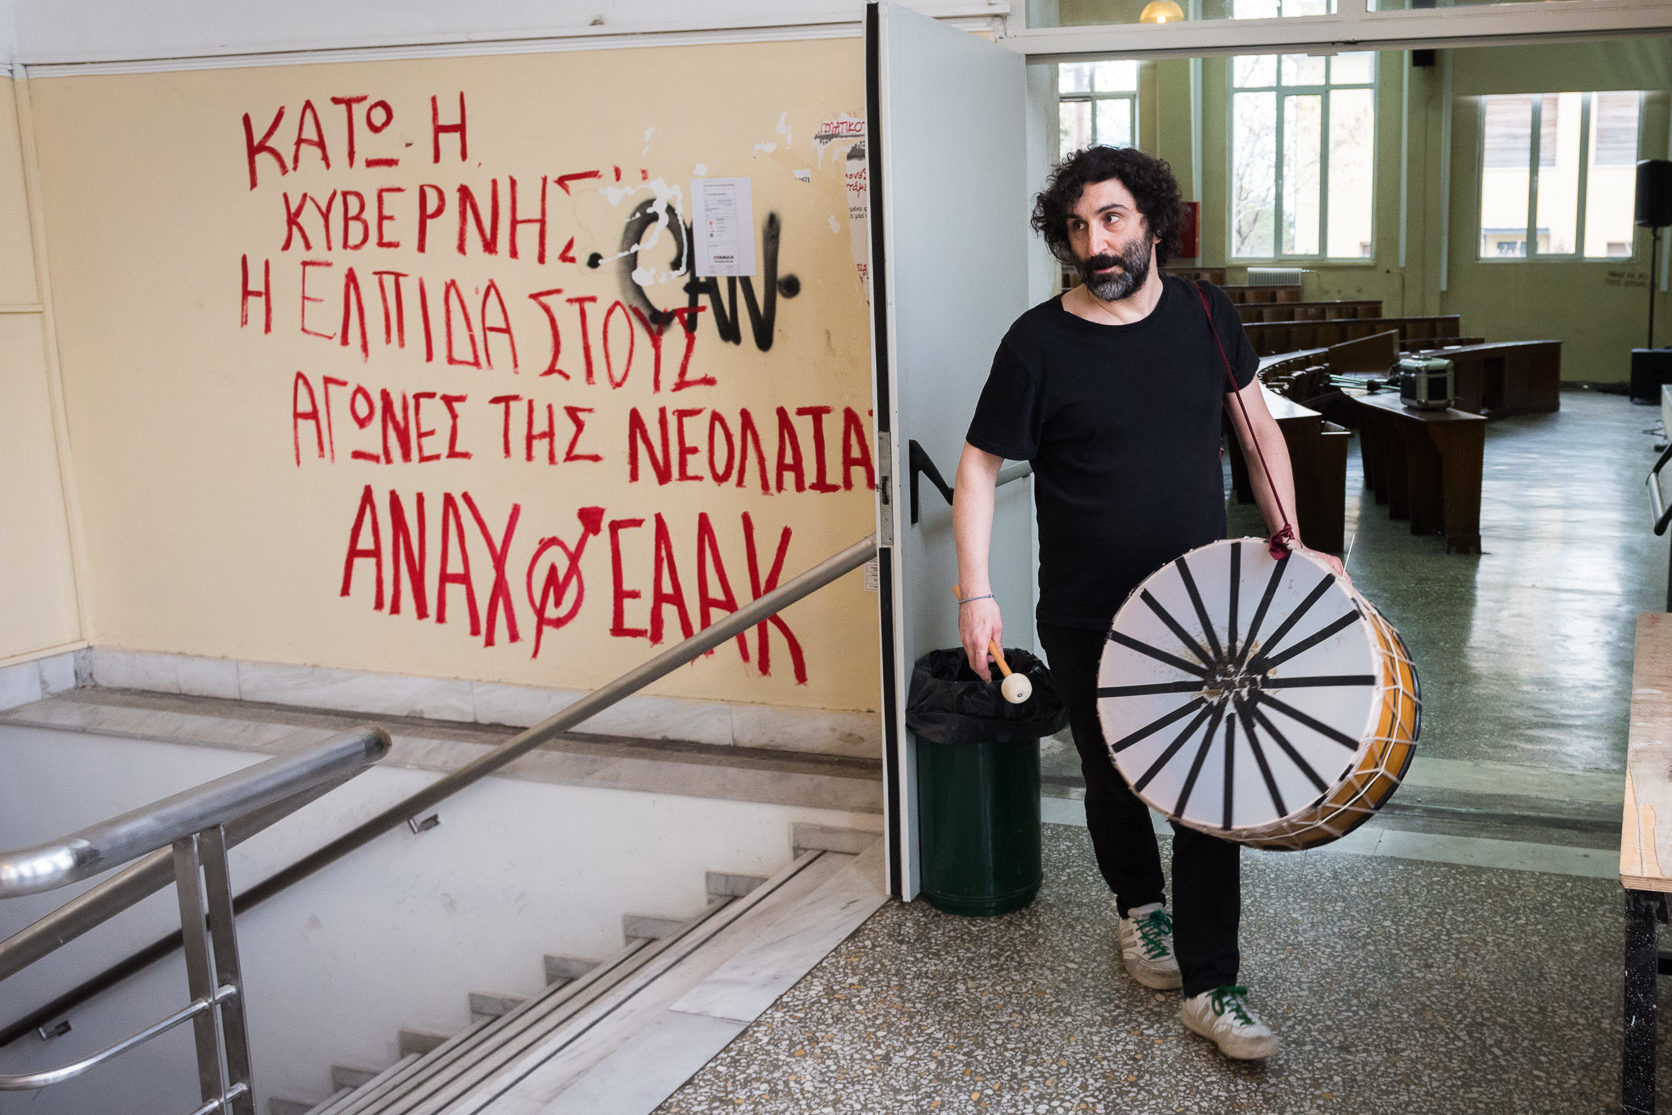 Cevdet Erek